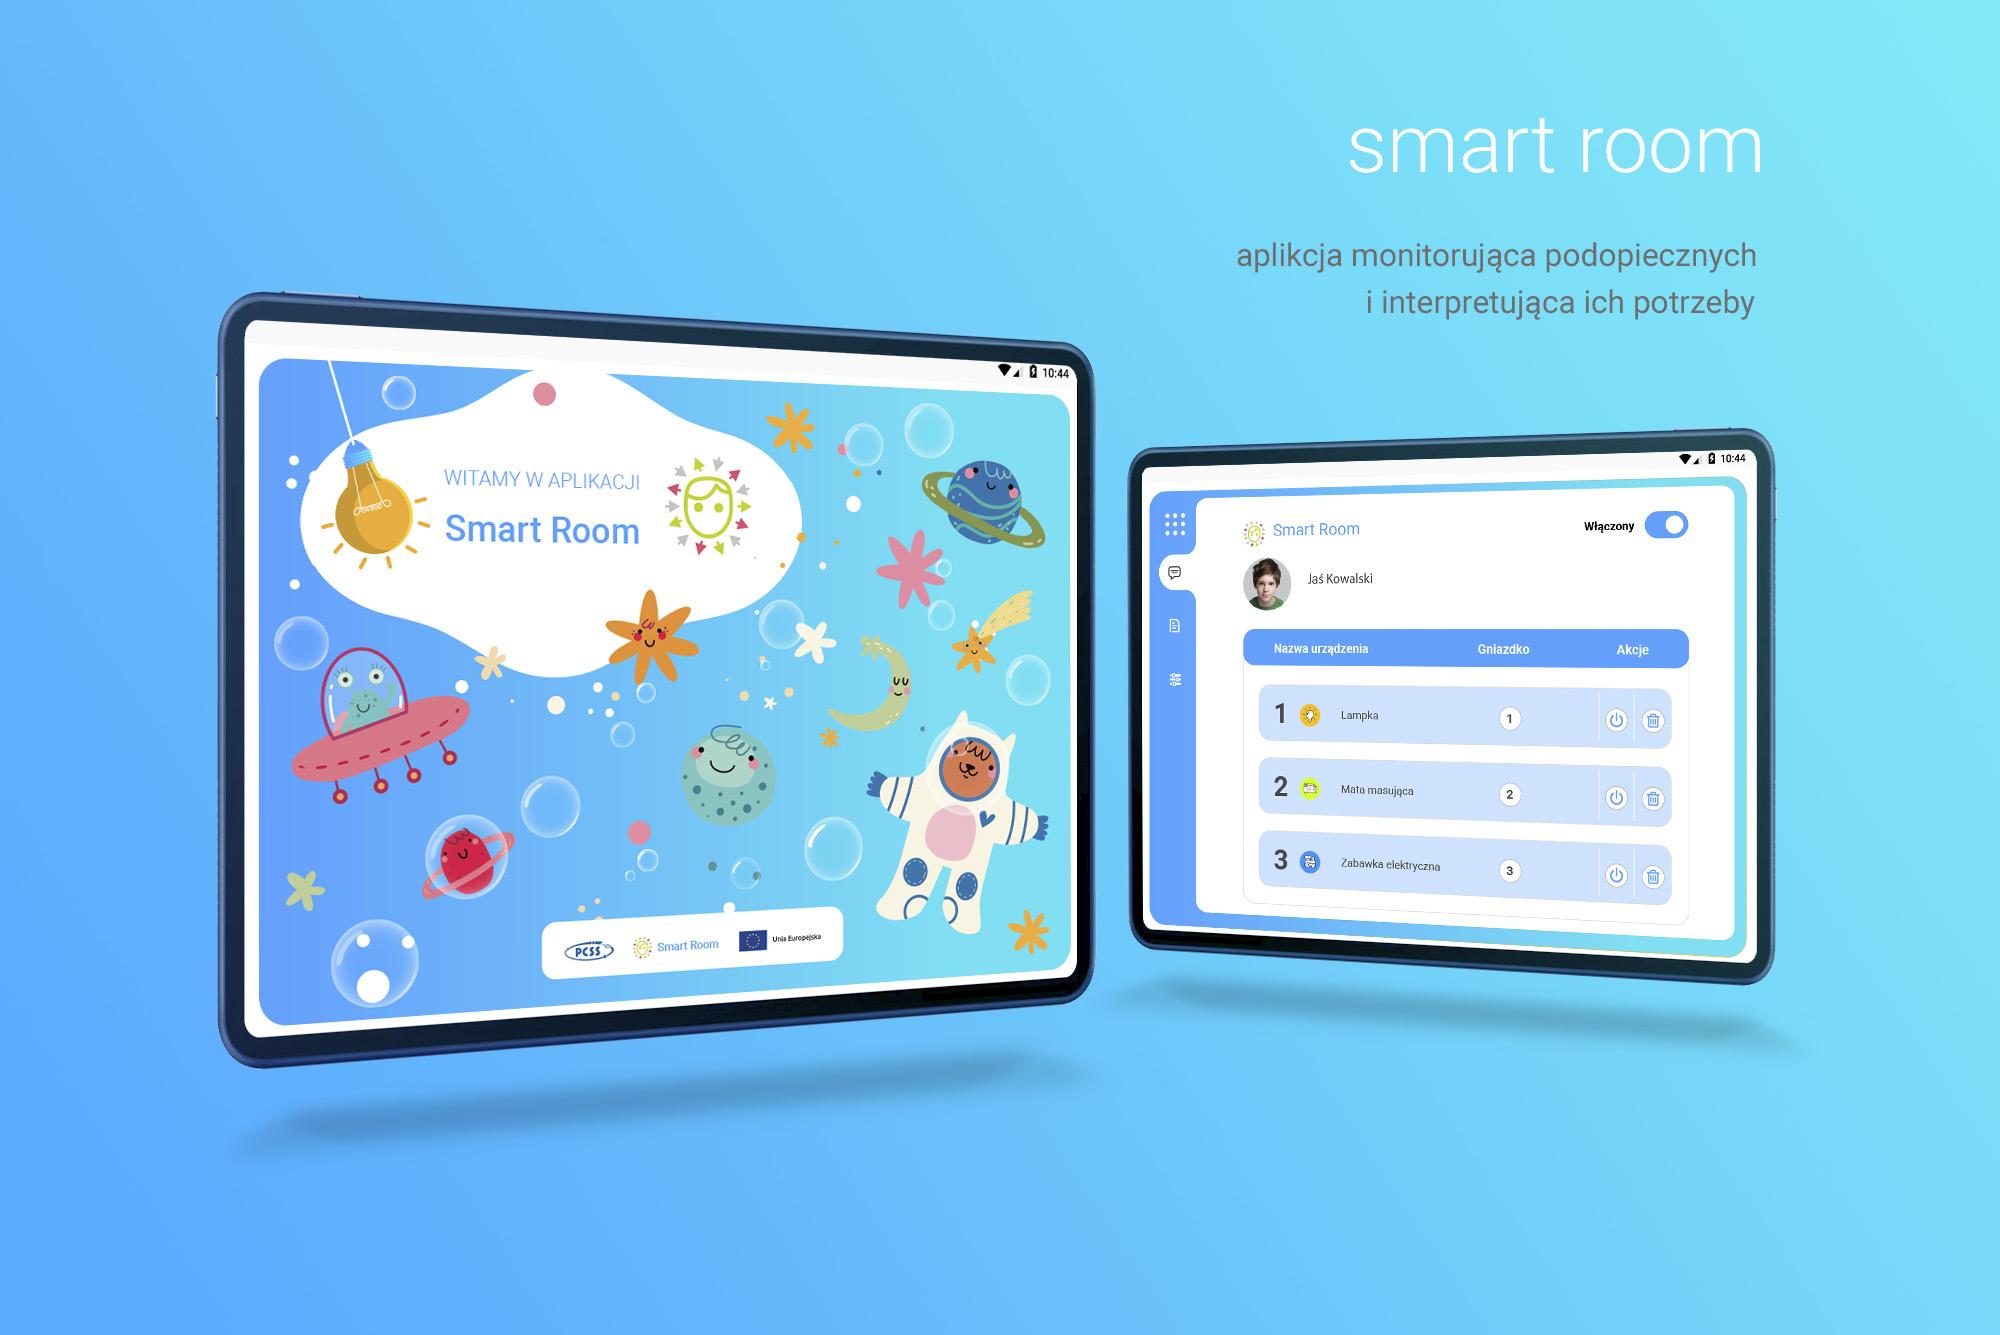 aplikacje mobilne, aplikacje desktop, web design & development, mobile-app, Projektowanie aplikacji mobilnych, ios, android, windows, insension, nabór